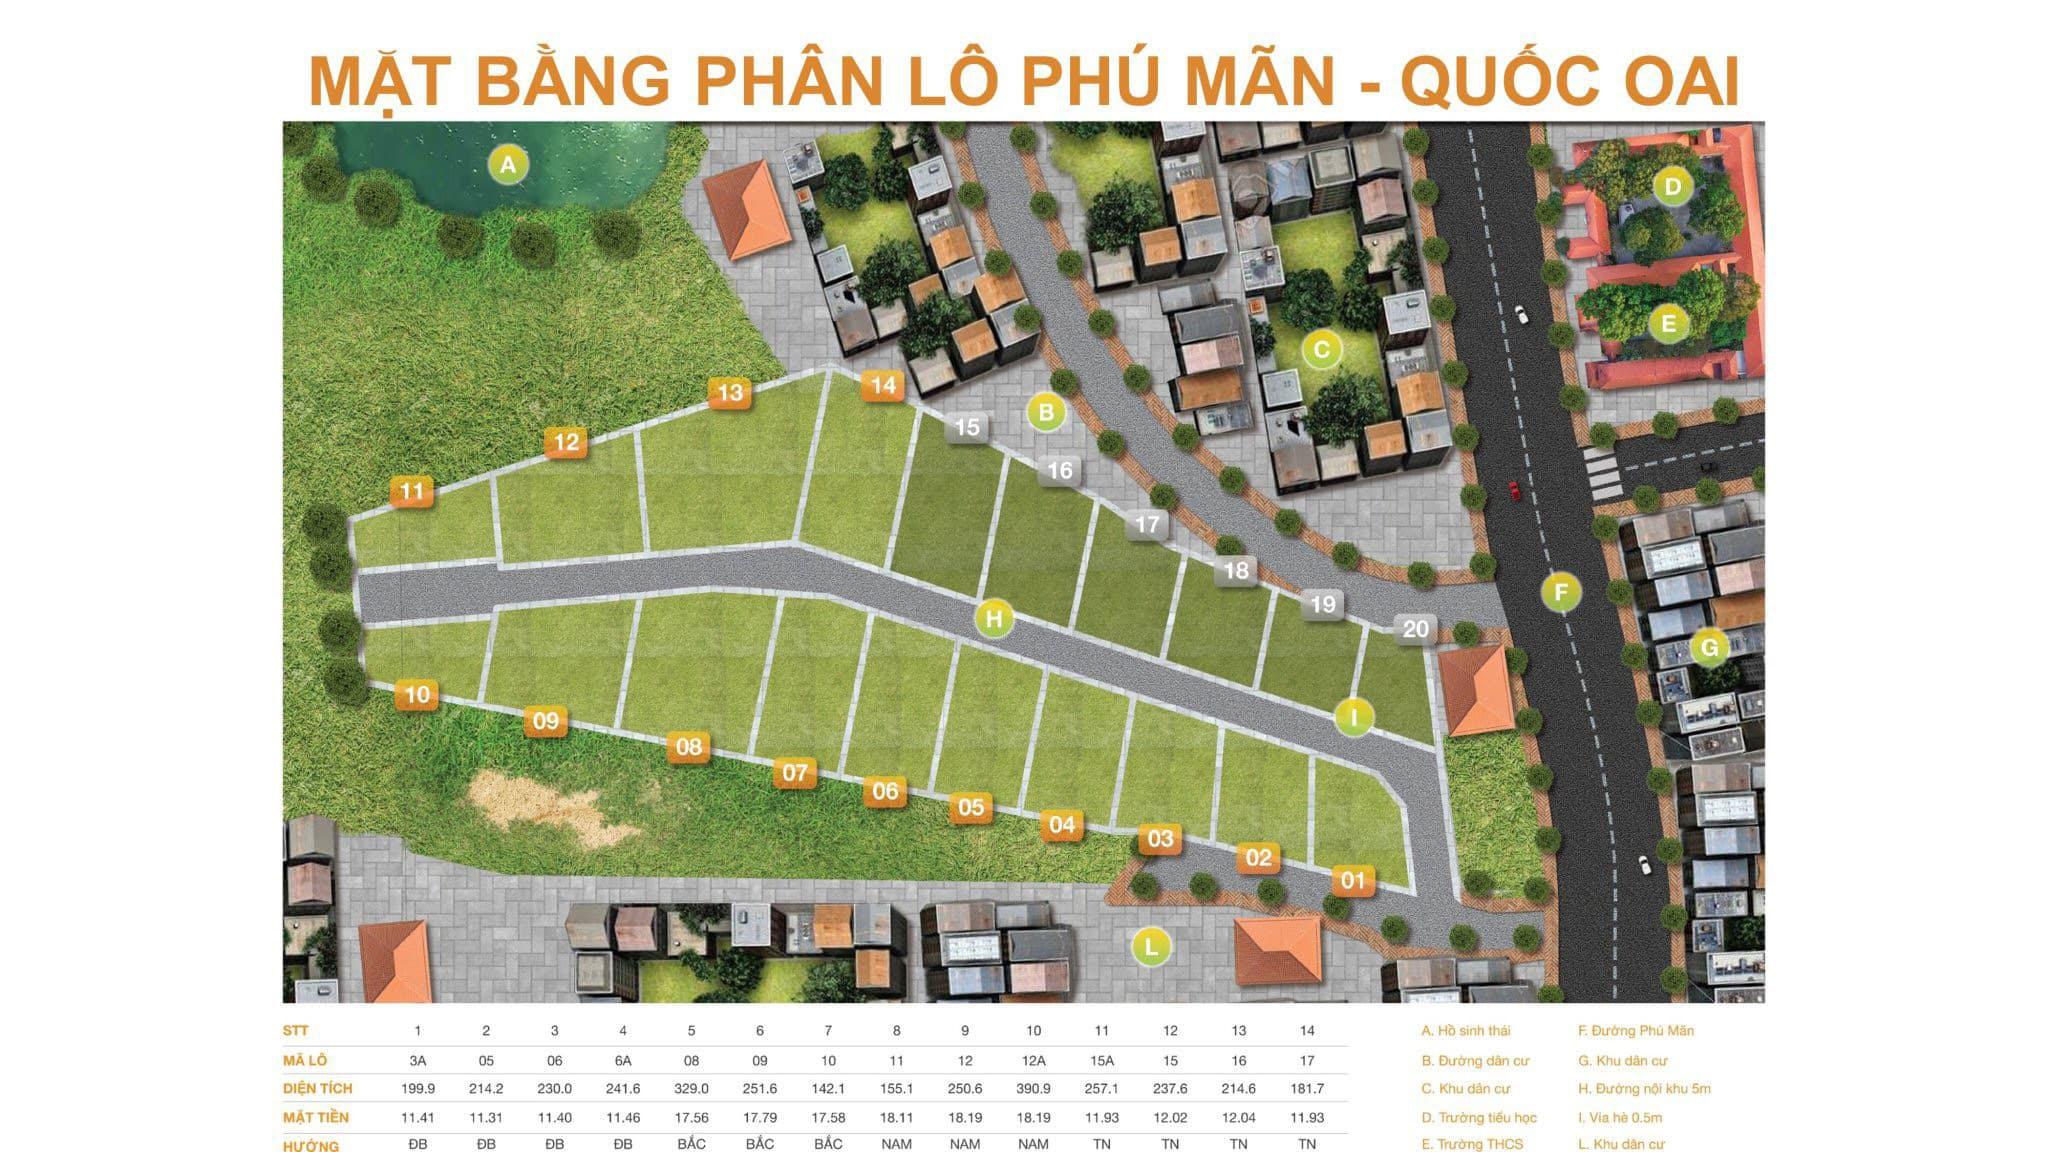 14 Lô đất nền Phú Mãn, Quốc Oai Diện Tích 142 - 390m2 Giá Siêu Rẻ